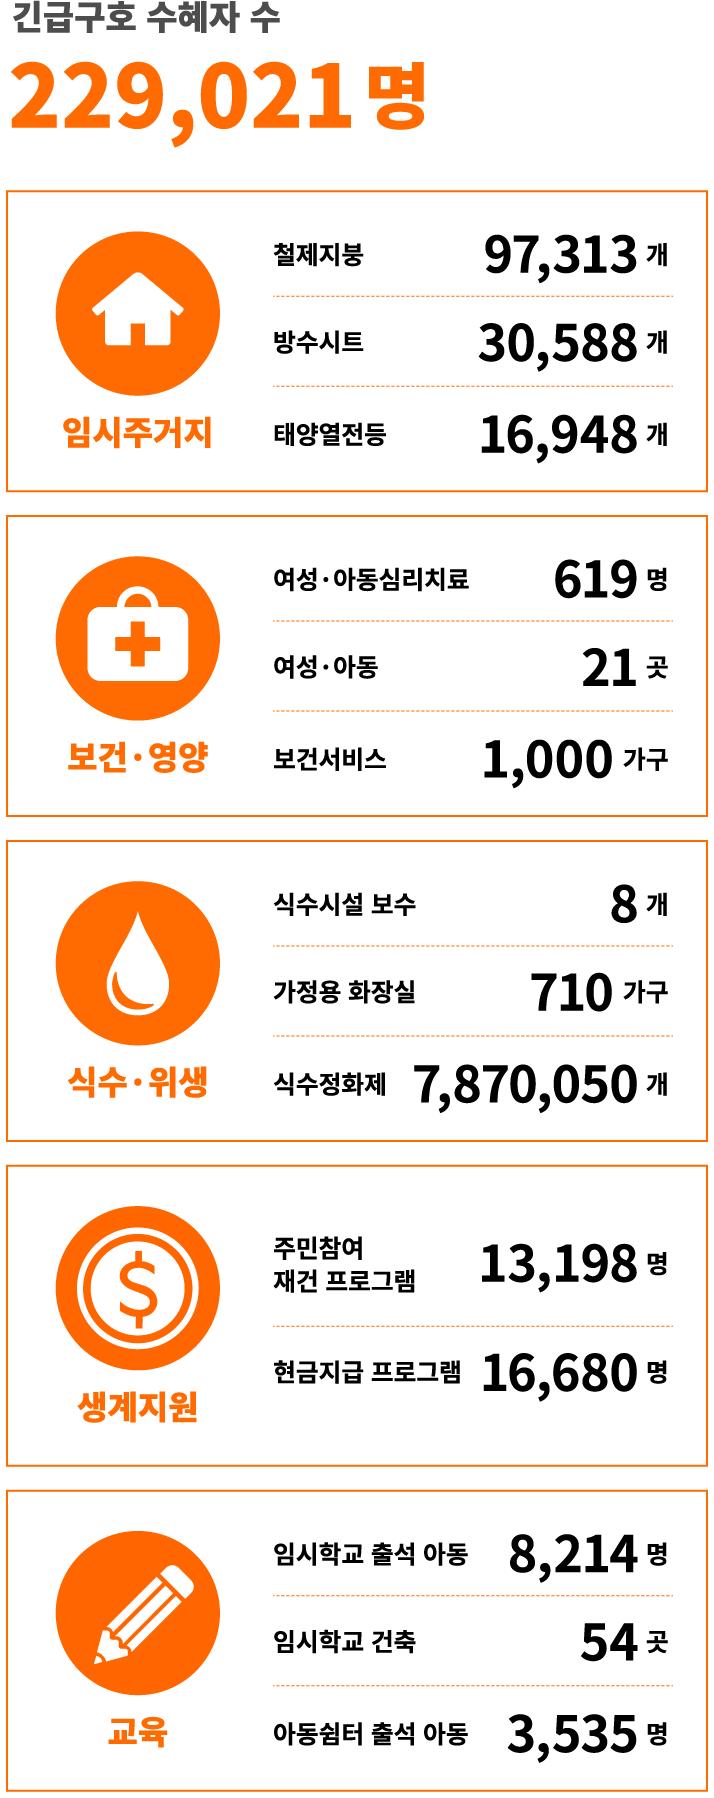 180일 긴급구호 229,021명에게 긴급구호사업 지원